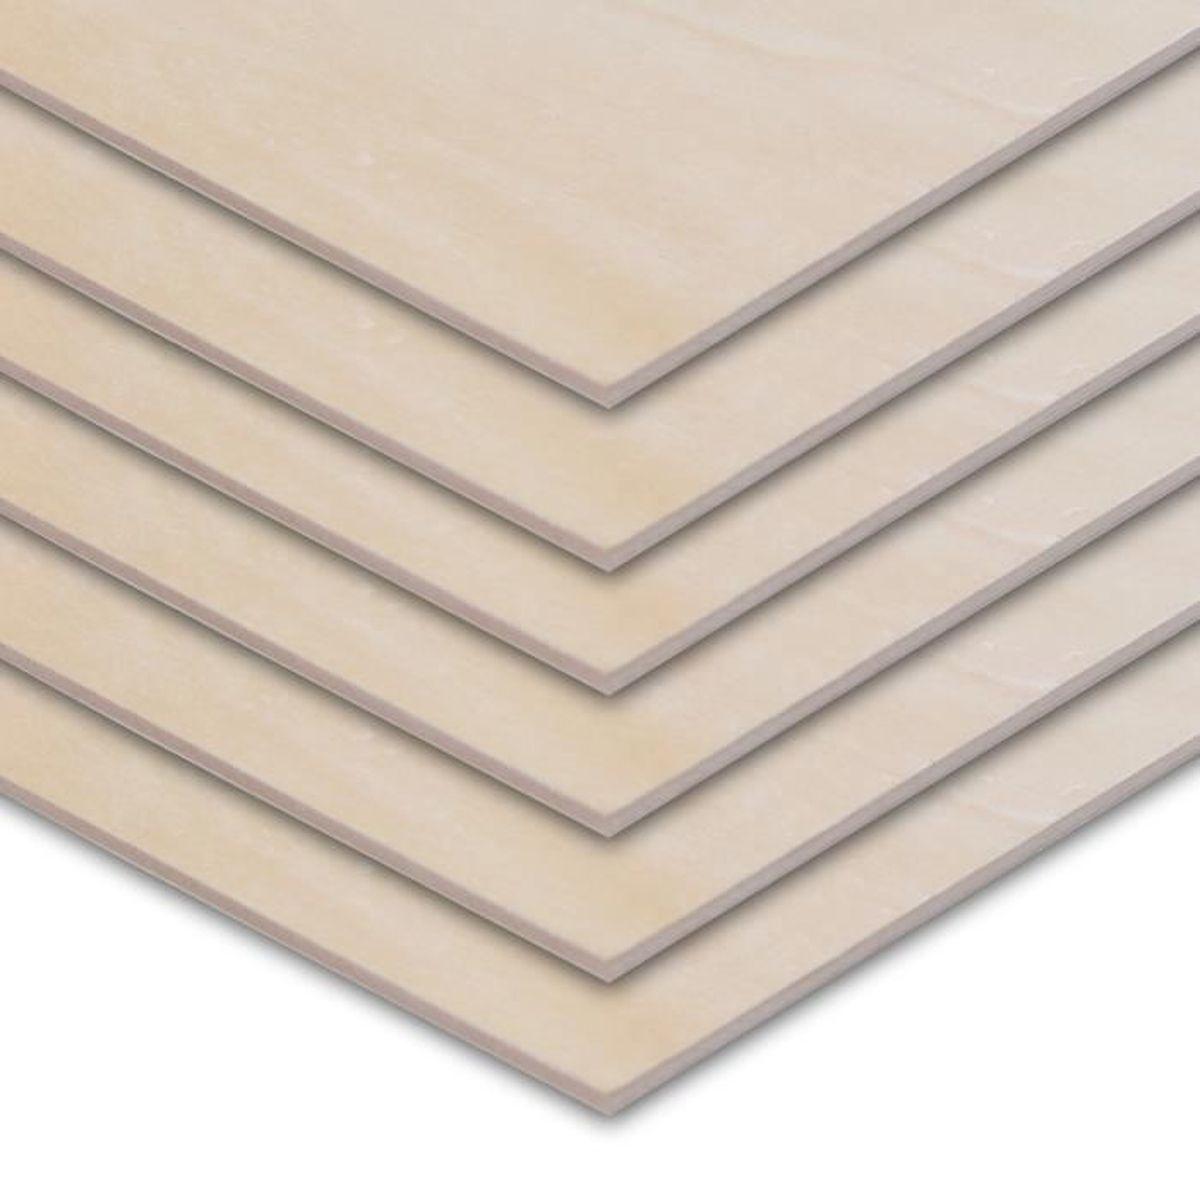 Ecrire Sur Panneau Bois panneau bois de bouleau contreplaqué 2mm (lot de 20) - plaque bois 30 x 30  cm - parfait pour la gravure au laser, la pyrogravure